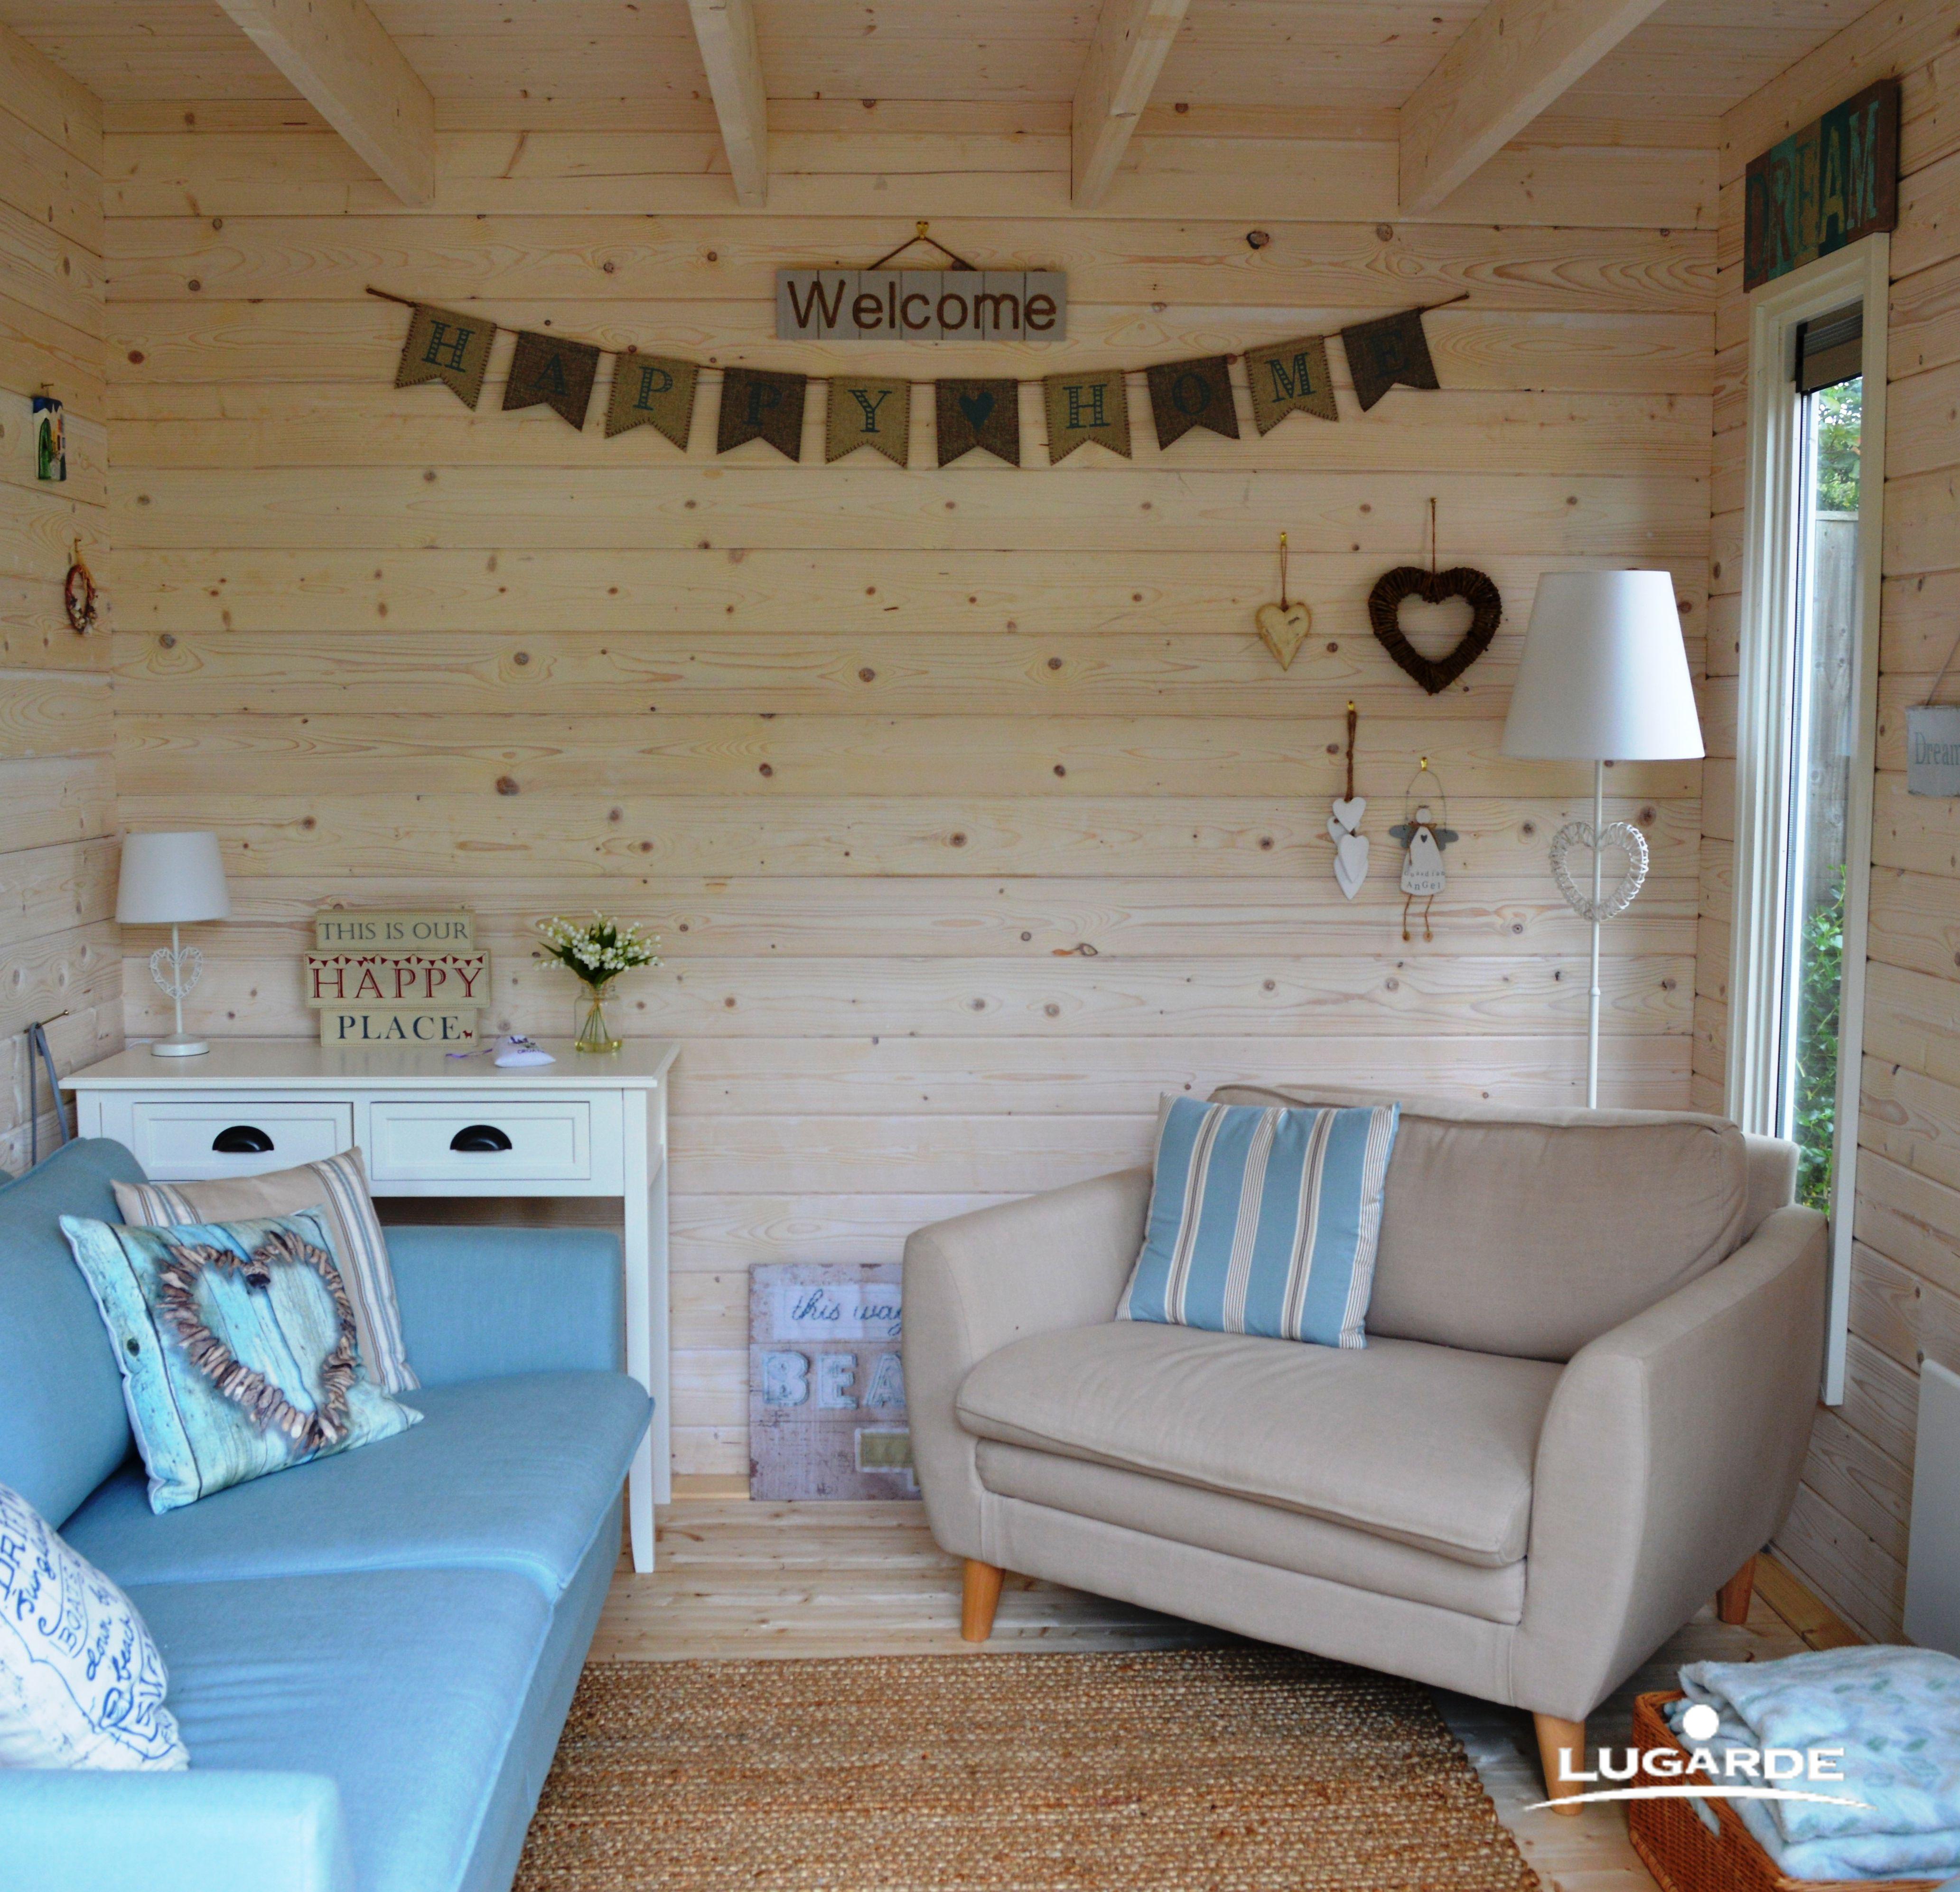 Rückzugsort Für Die Braut, Spielzimmer Für Die Kinder Oder Ein Ort ... Gartenhaus Mit Schuppen Camping Bilder